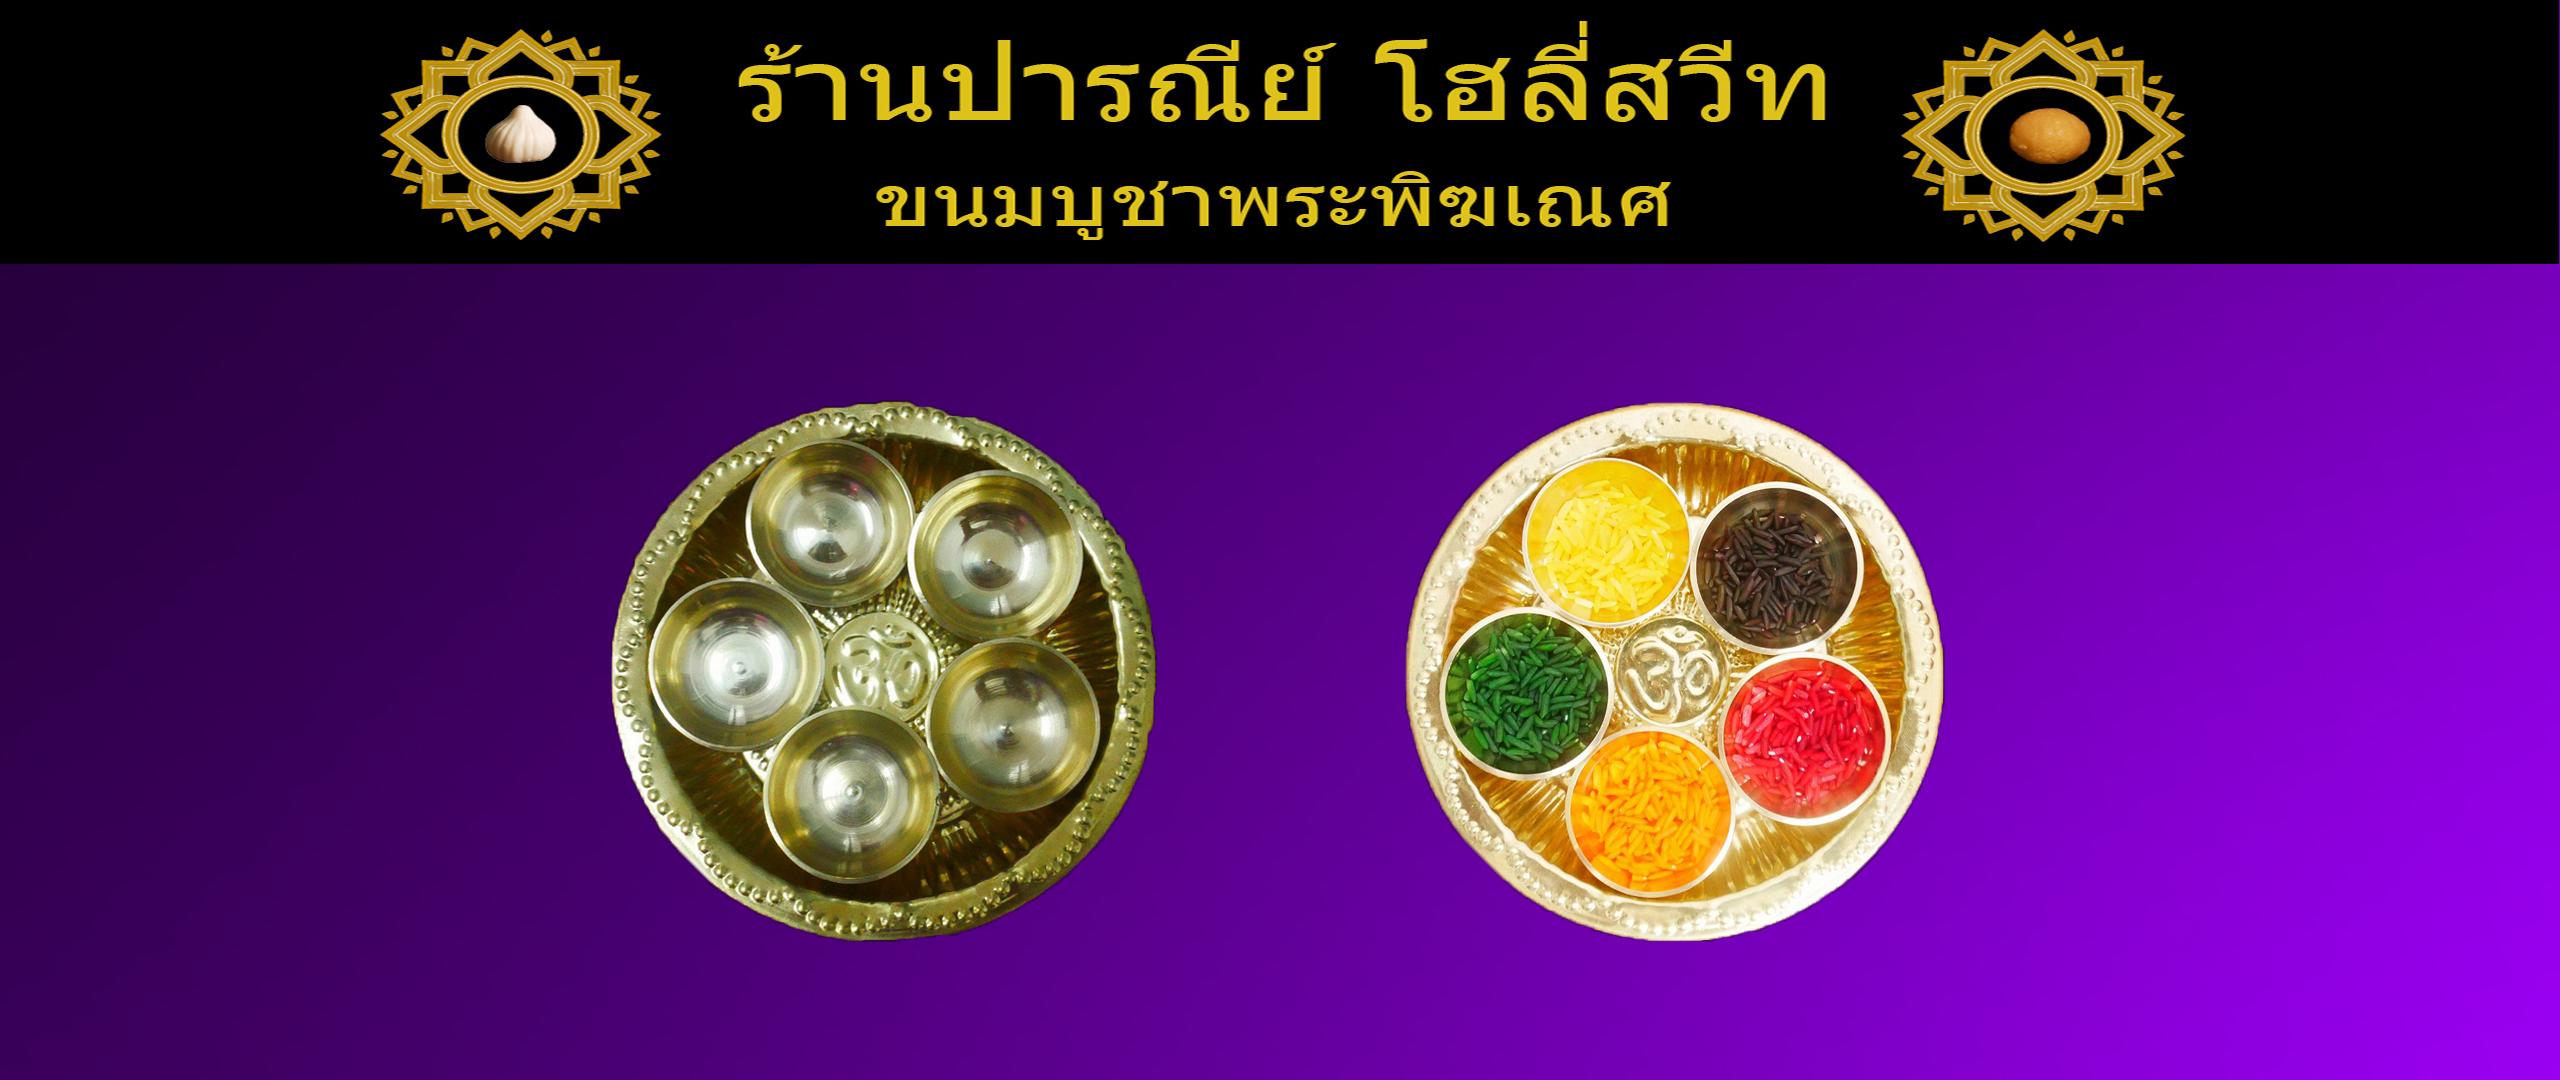 ชุดทองเหลืองใส่ข้าวมงคล ๕ สี